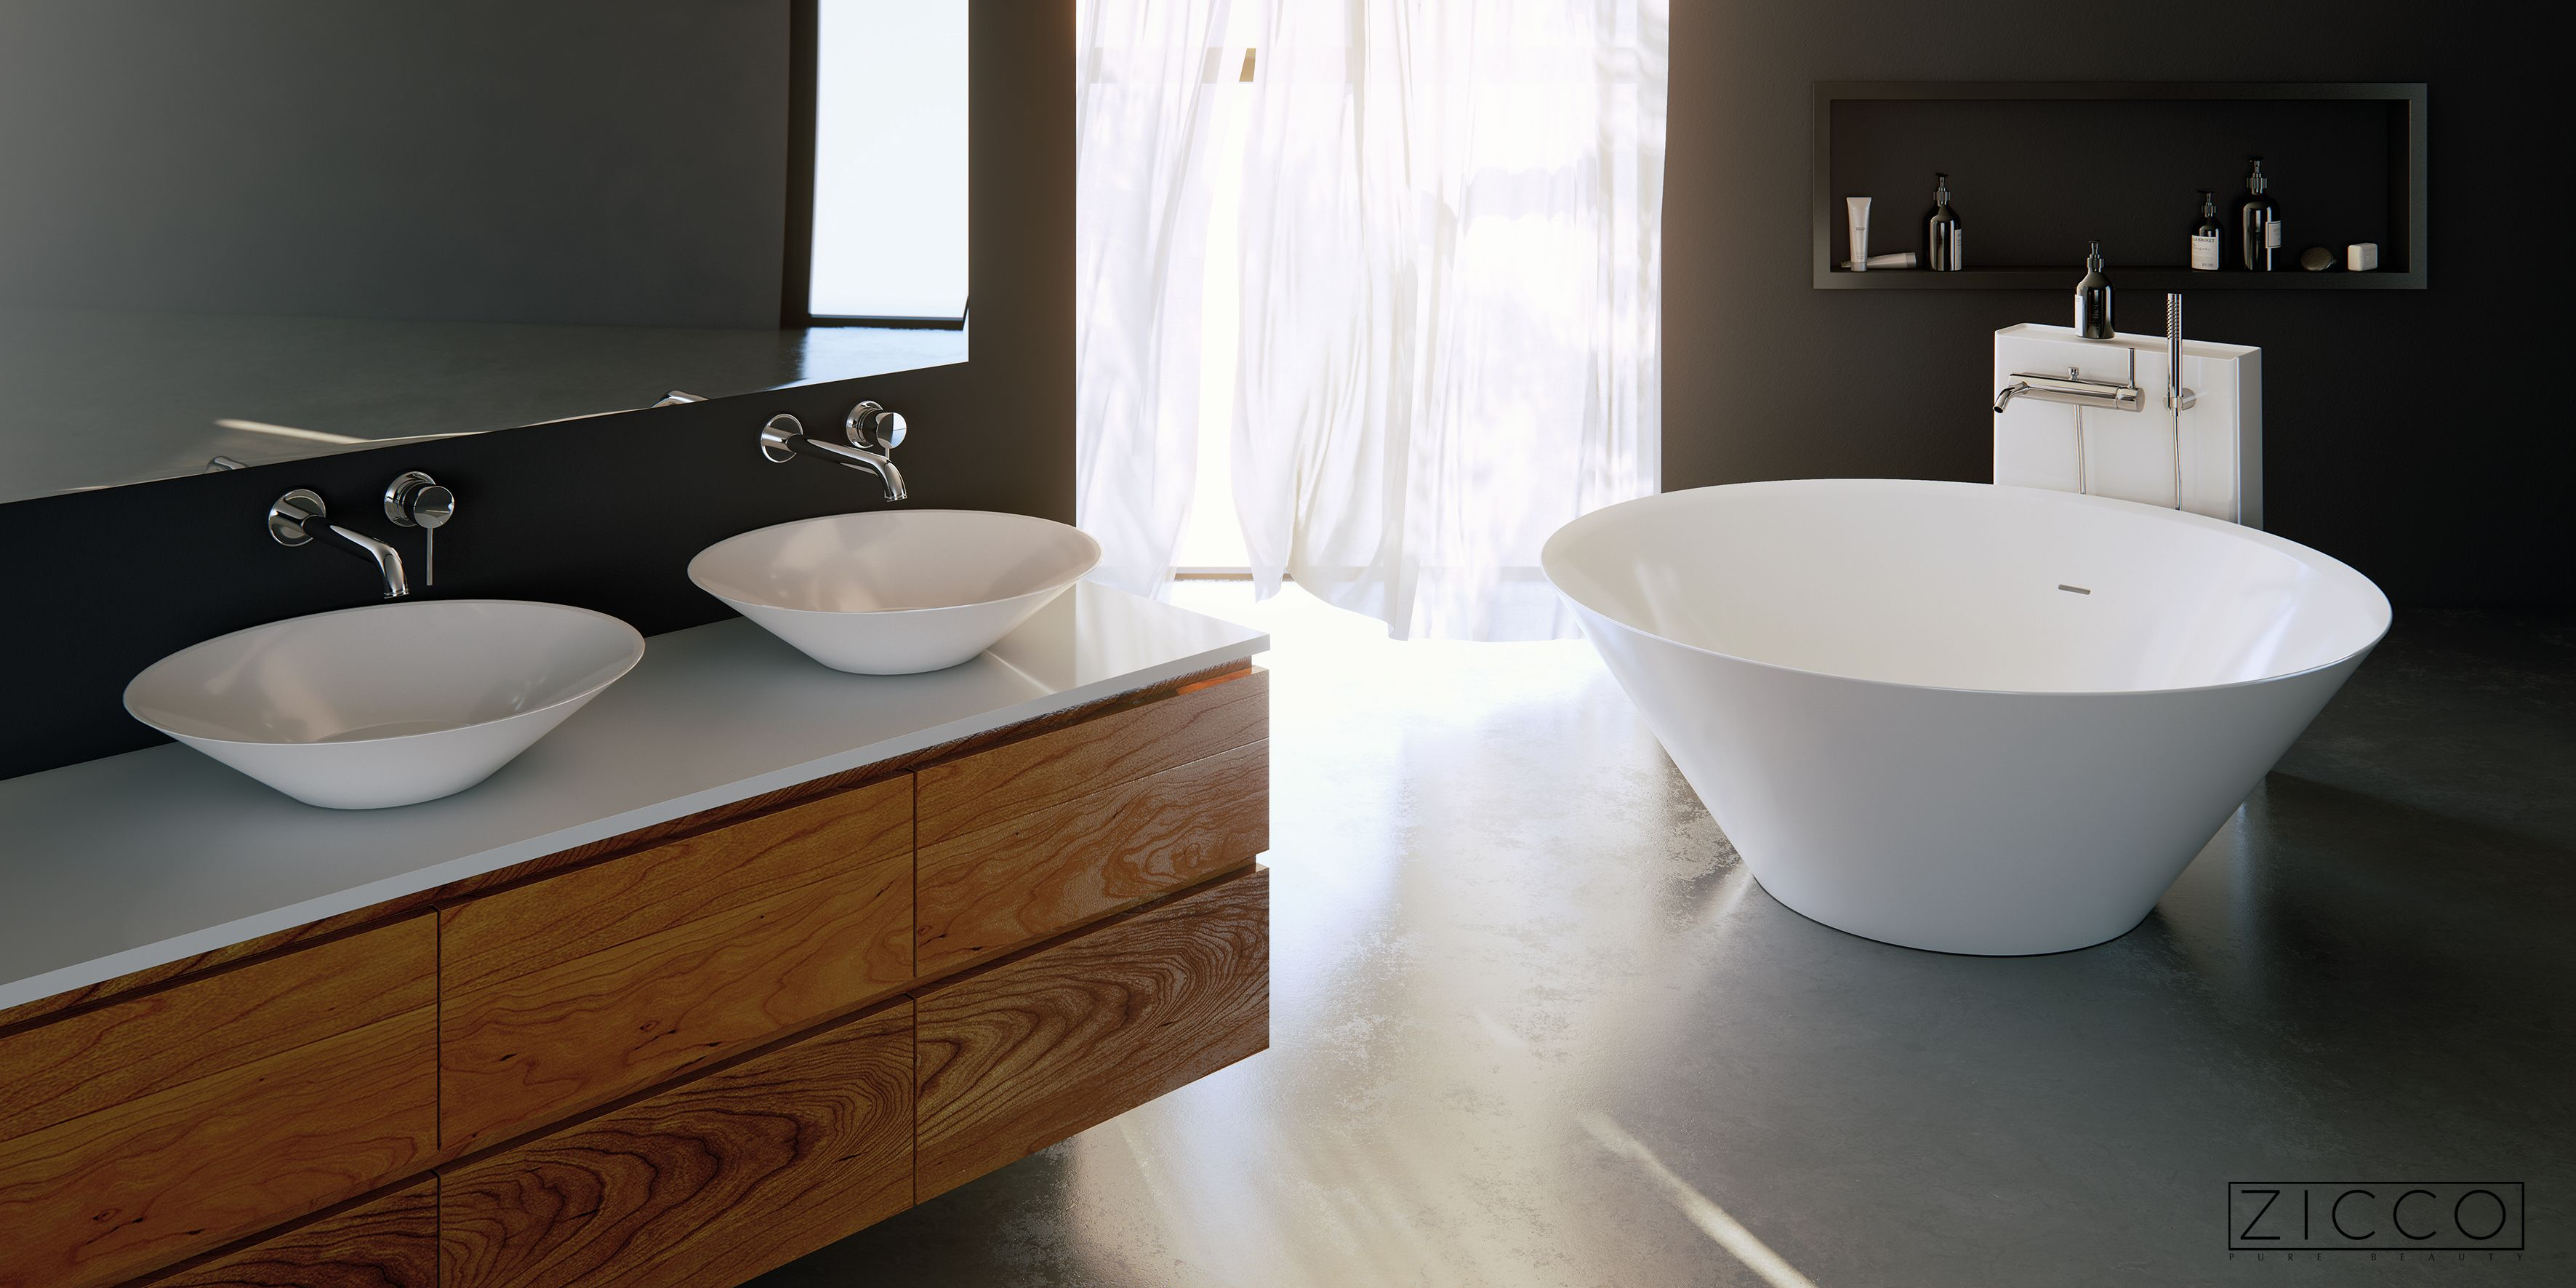 Waschbecken Waschbeckenschrank Badewanne Freistehende